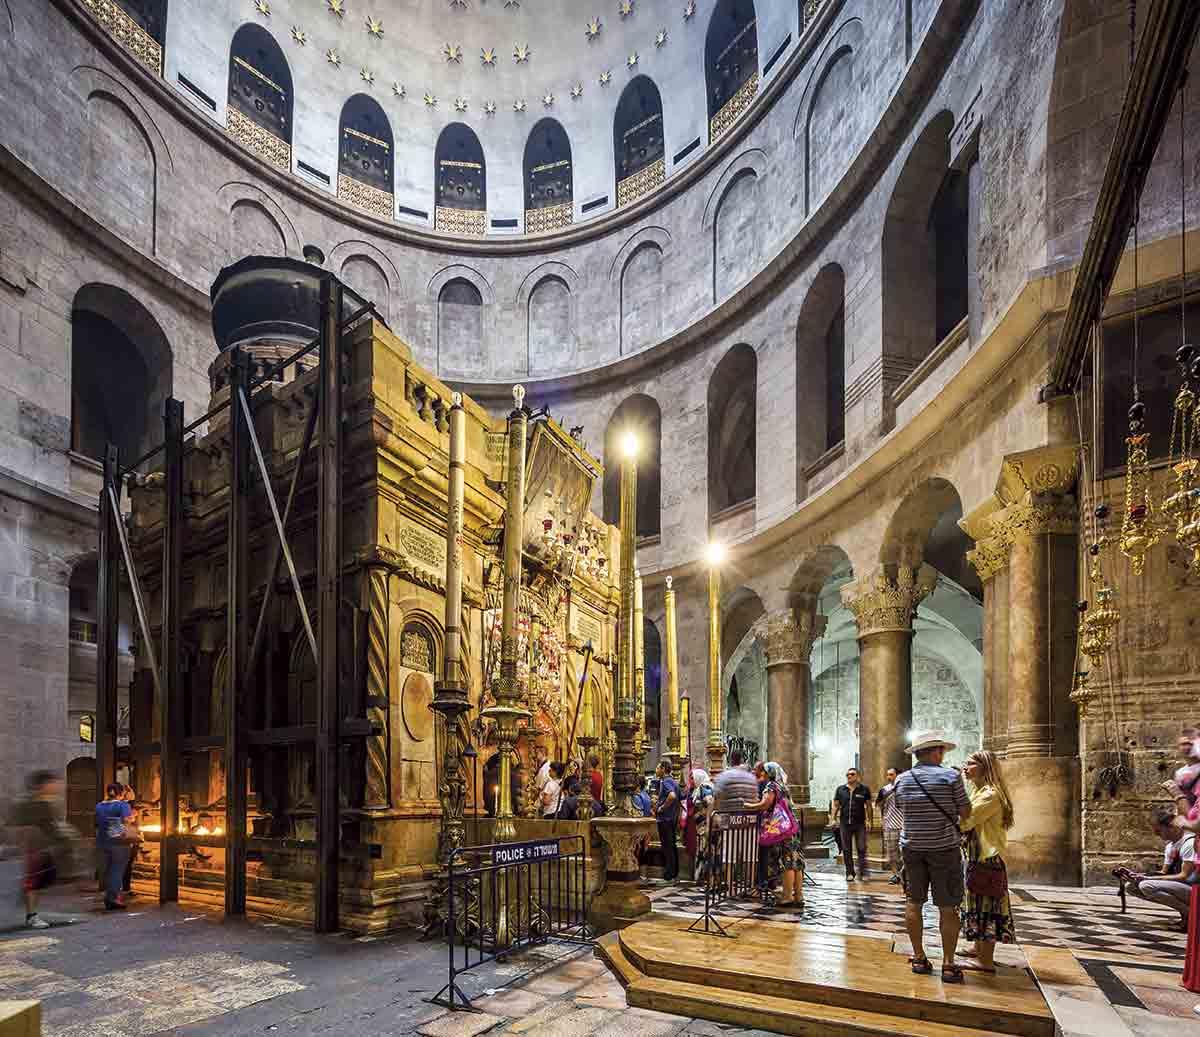 77443850. Basílica del Santo Sepulcro